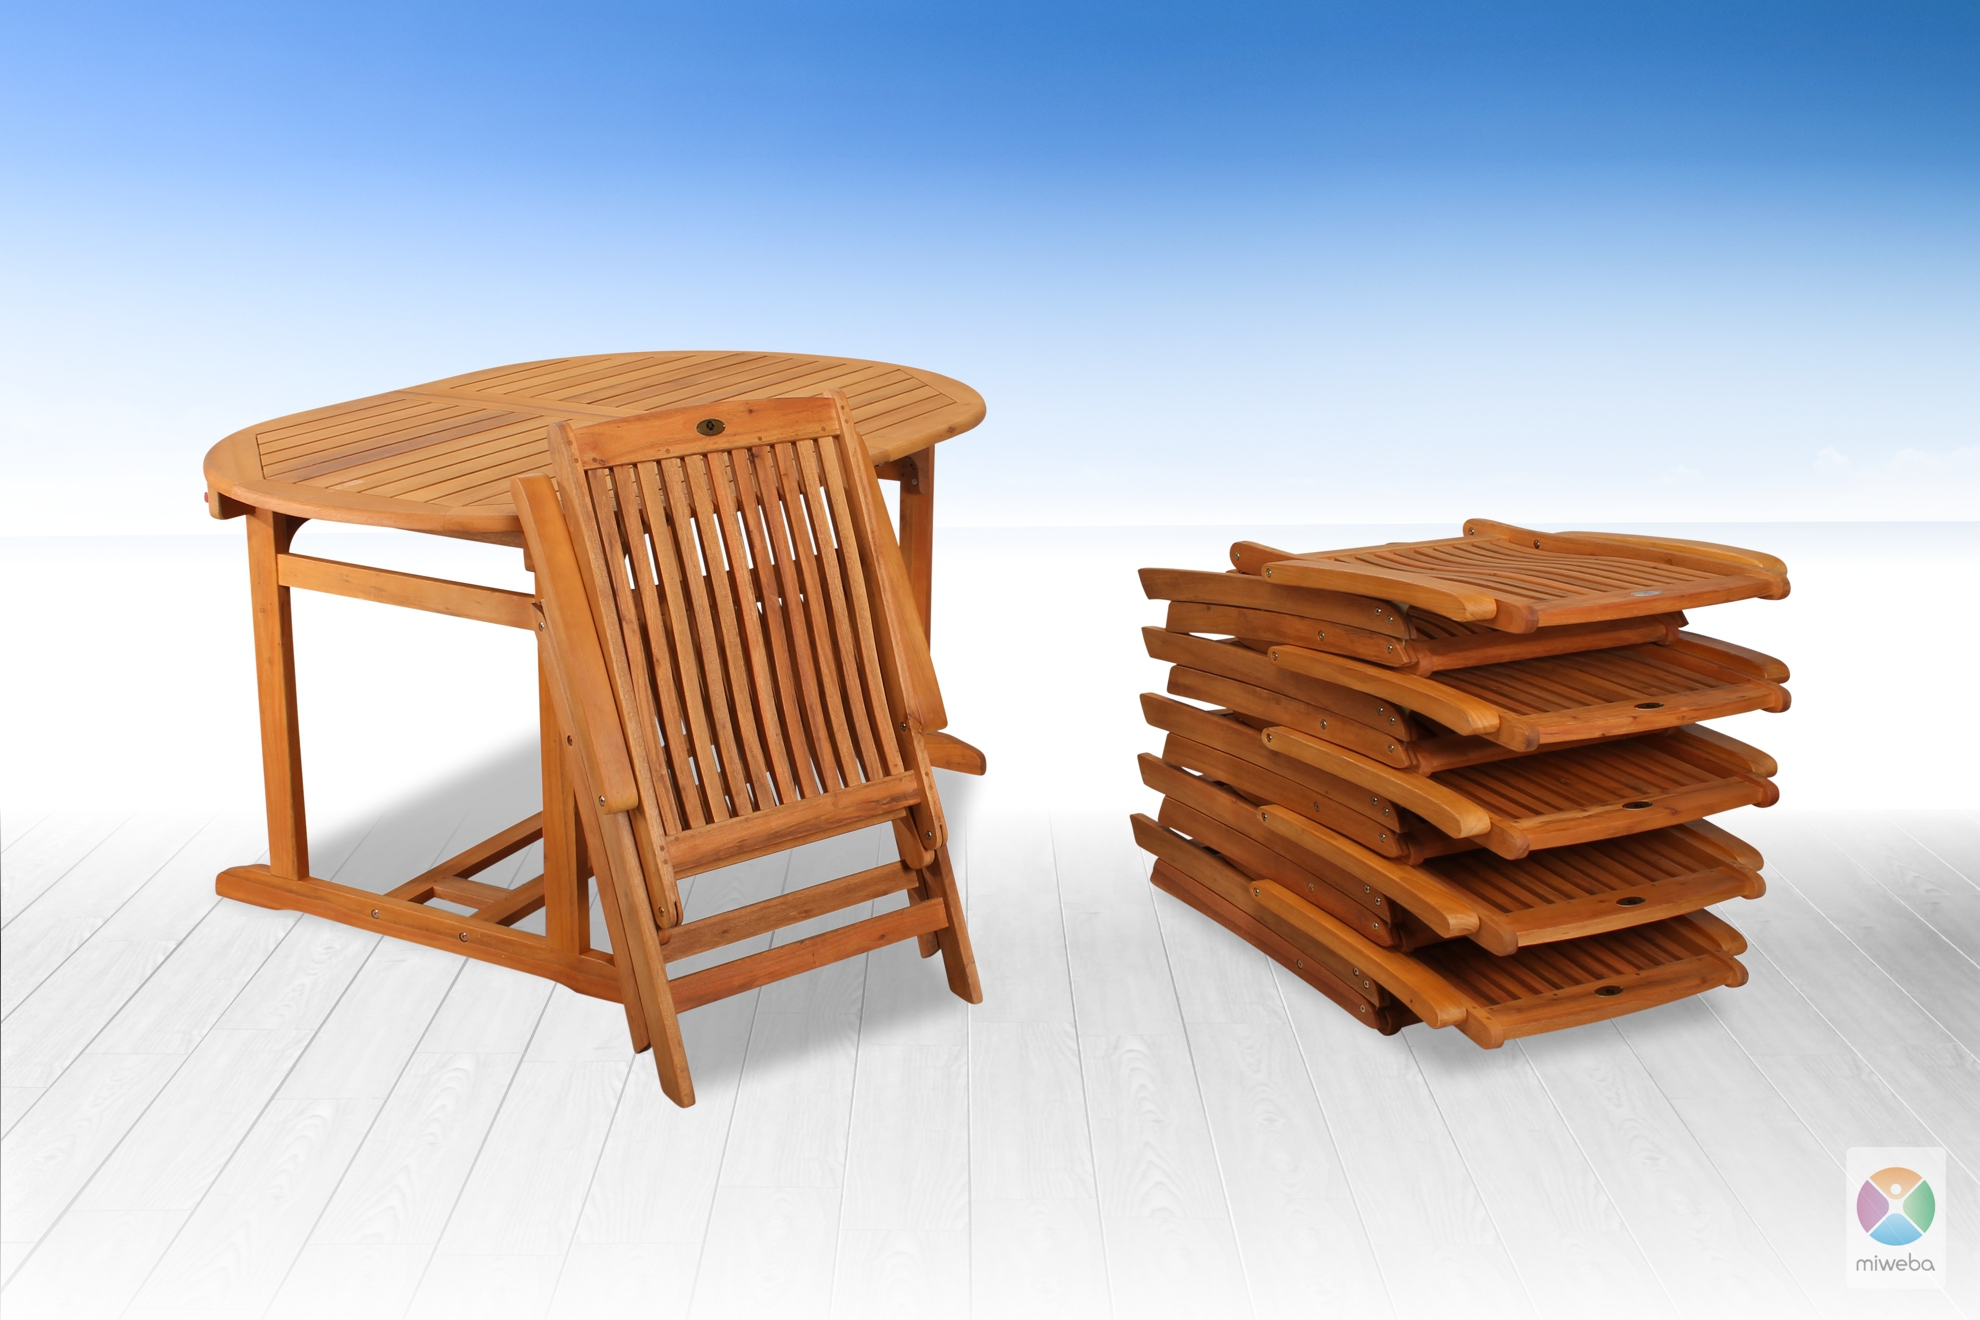 Gartenmobel Von Hagebaumarkt : Details zu Sitzgruppe Belmont Gartenset Sitzgarnitur Holz Gartenmöbel